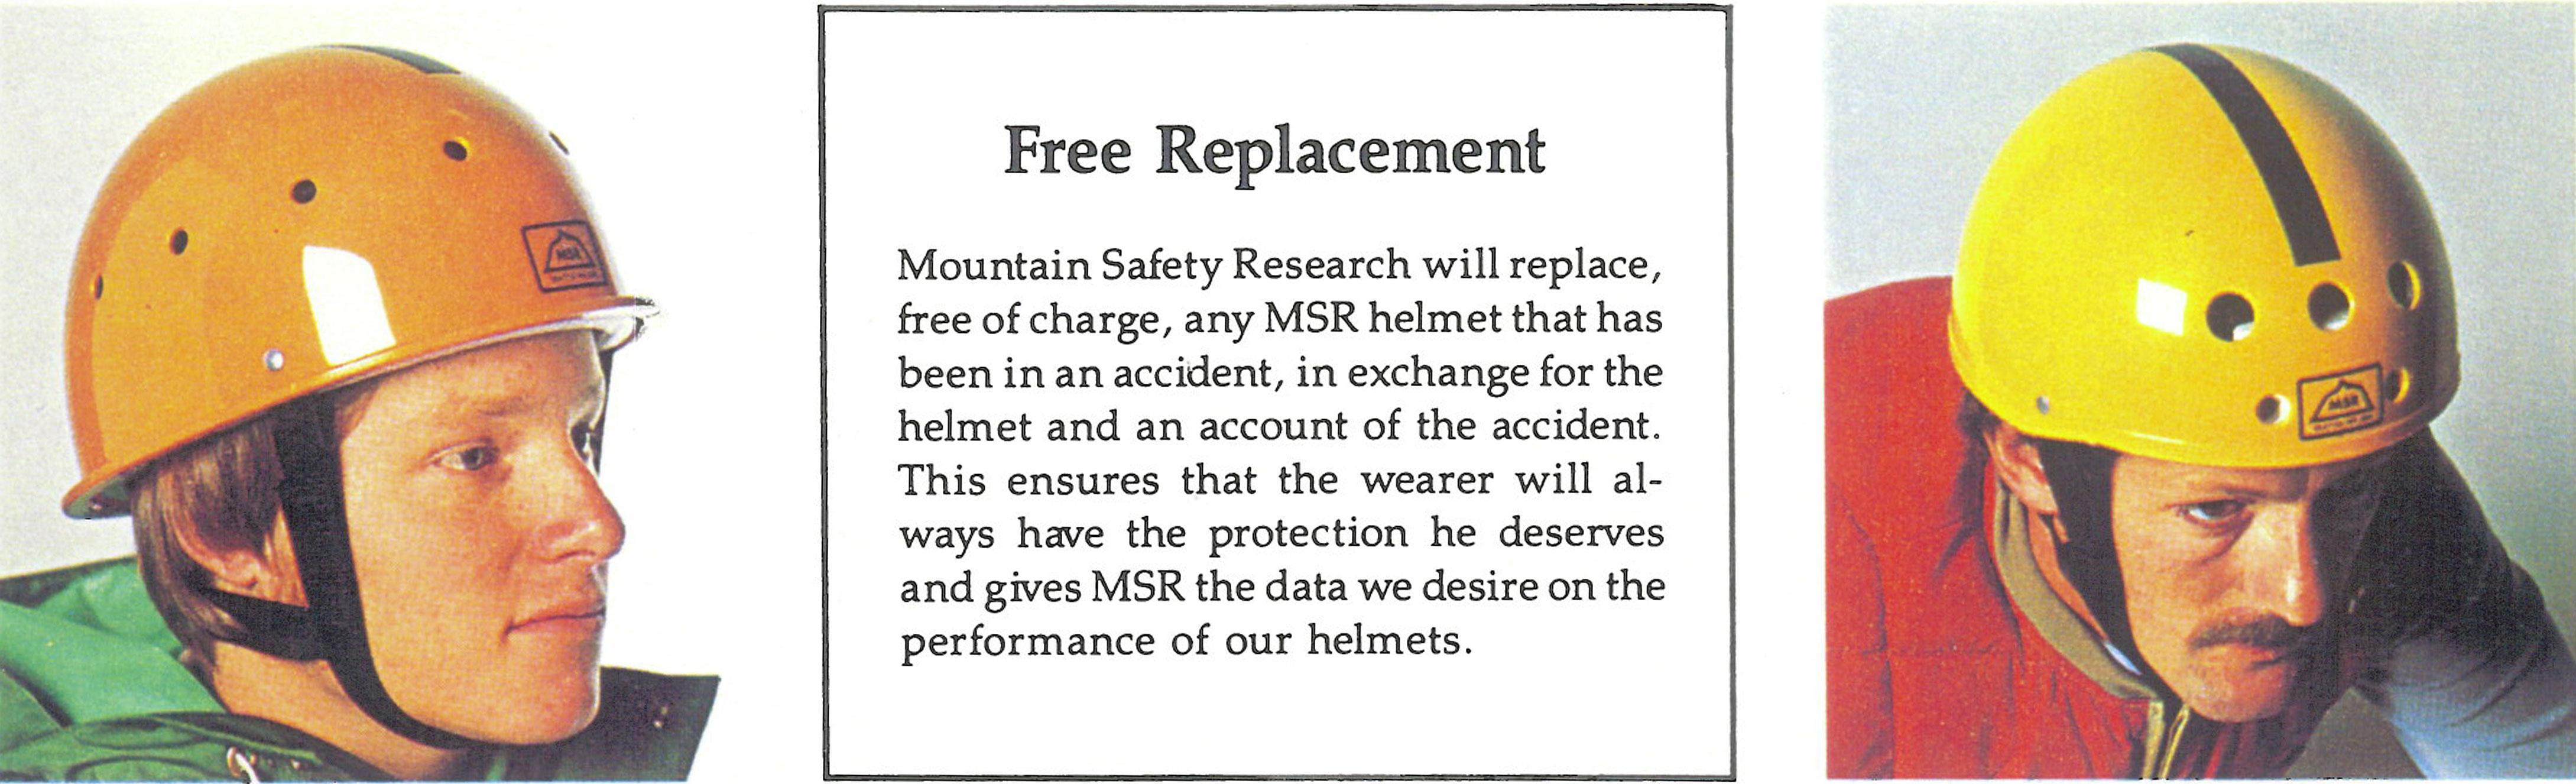 MSR helmet replacement program